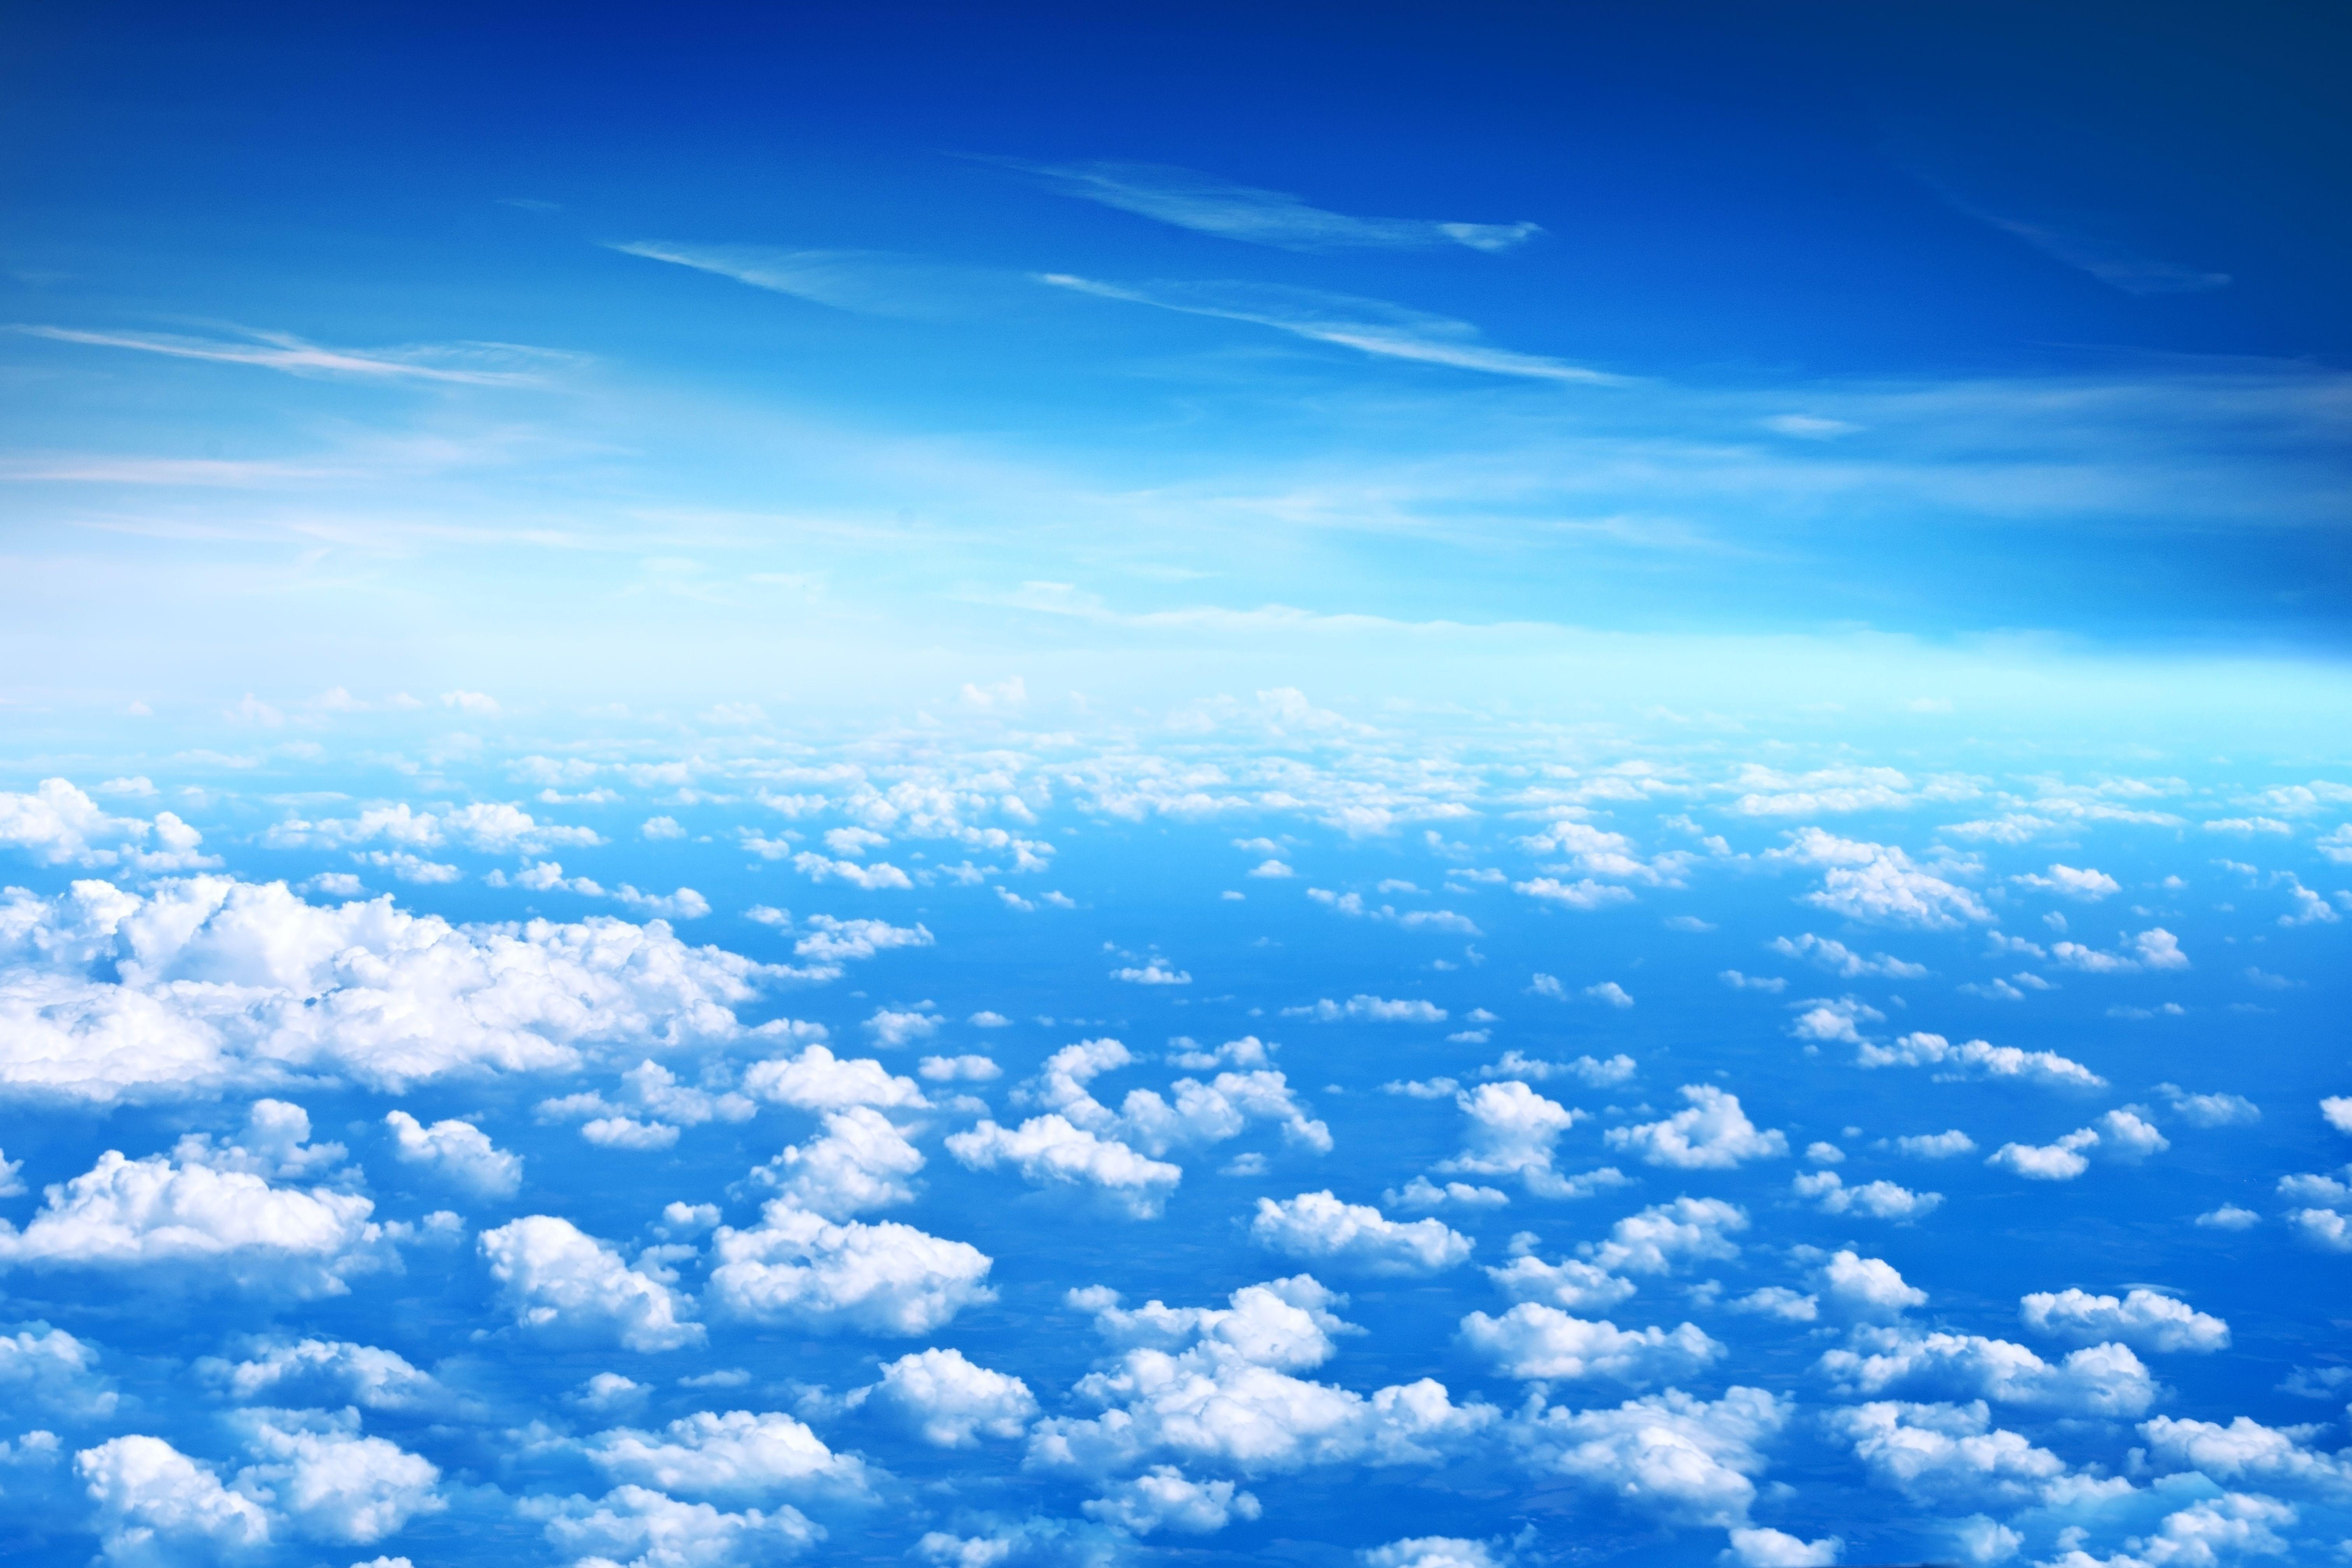 Cloud pattern Blue sky wallpaper, Beautiful sky, Best